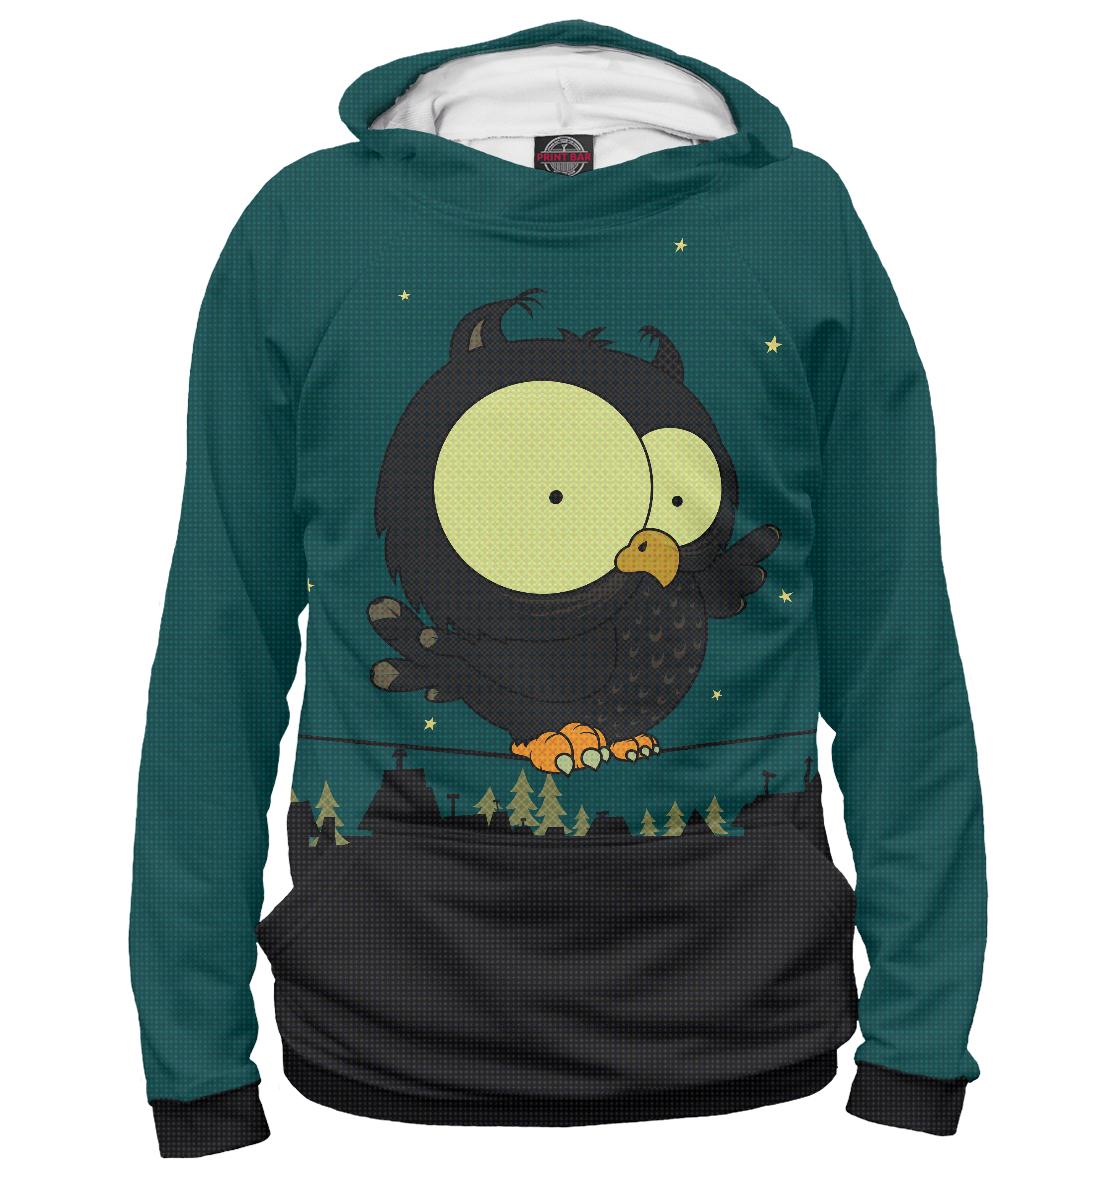 Купить Совёнок, Printbar, Худи, OWL-942714-hud-1